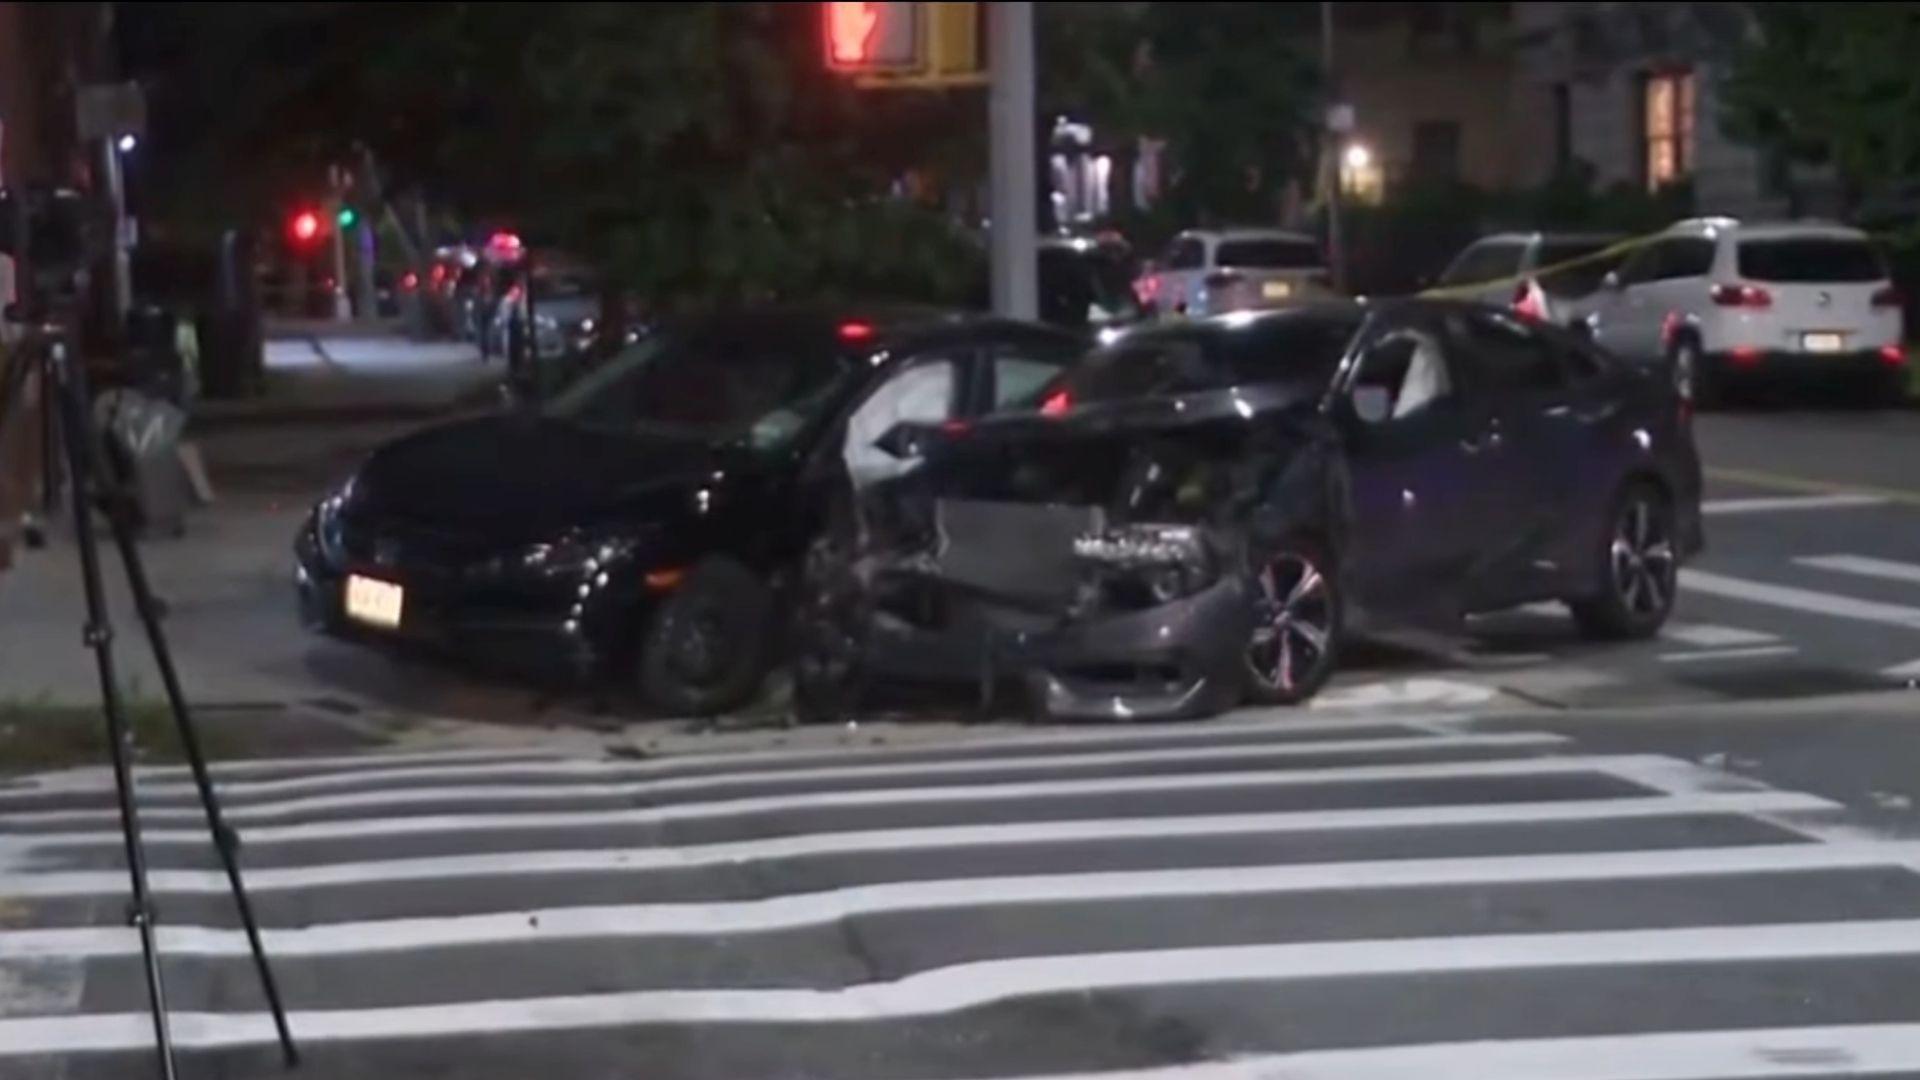 Brooklyn deadly wrong-way crash